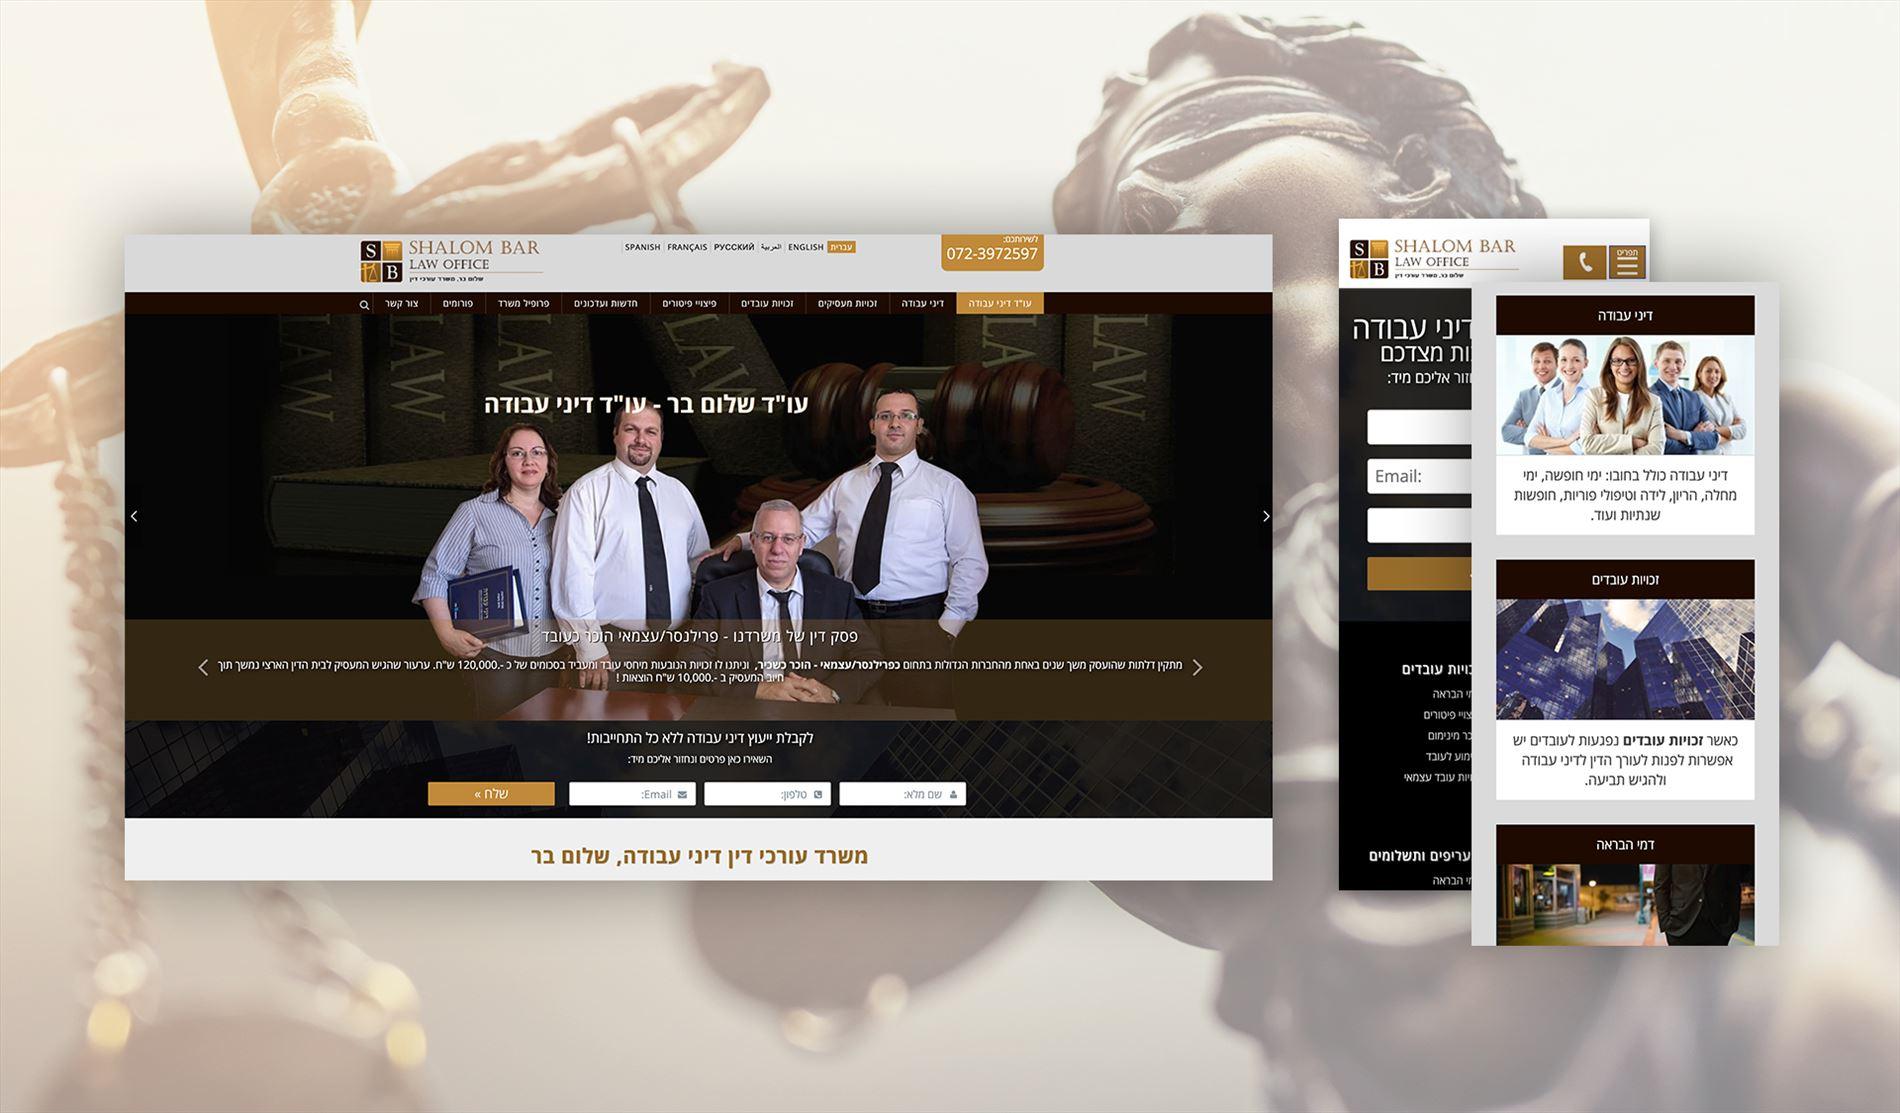 בניית אתר אינטרנט למשרד עורכי הדין שלום בר